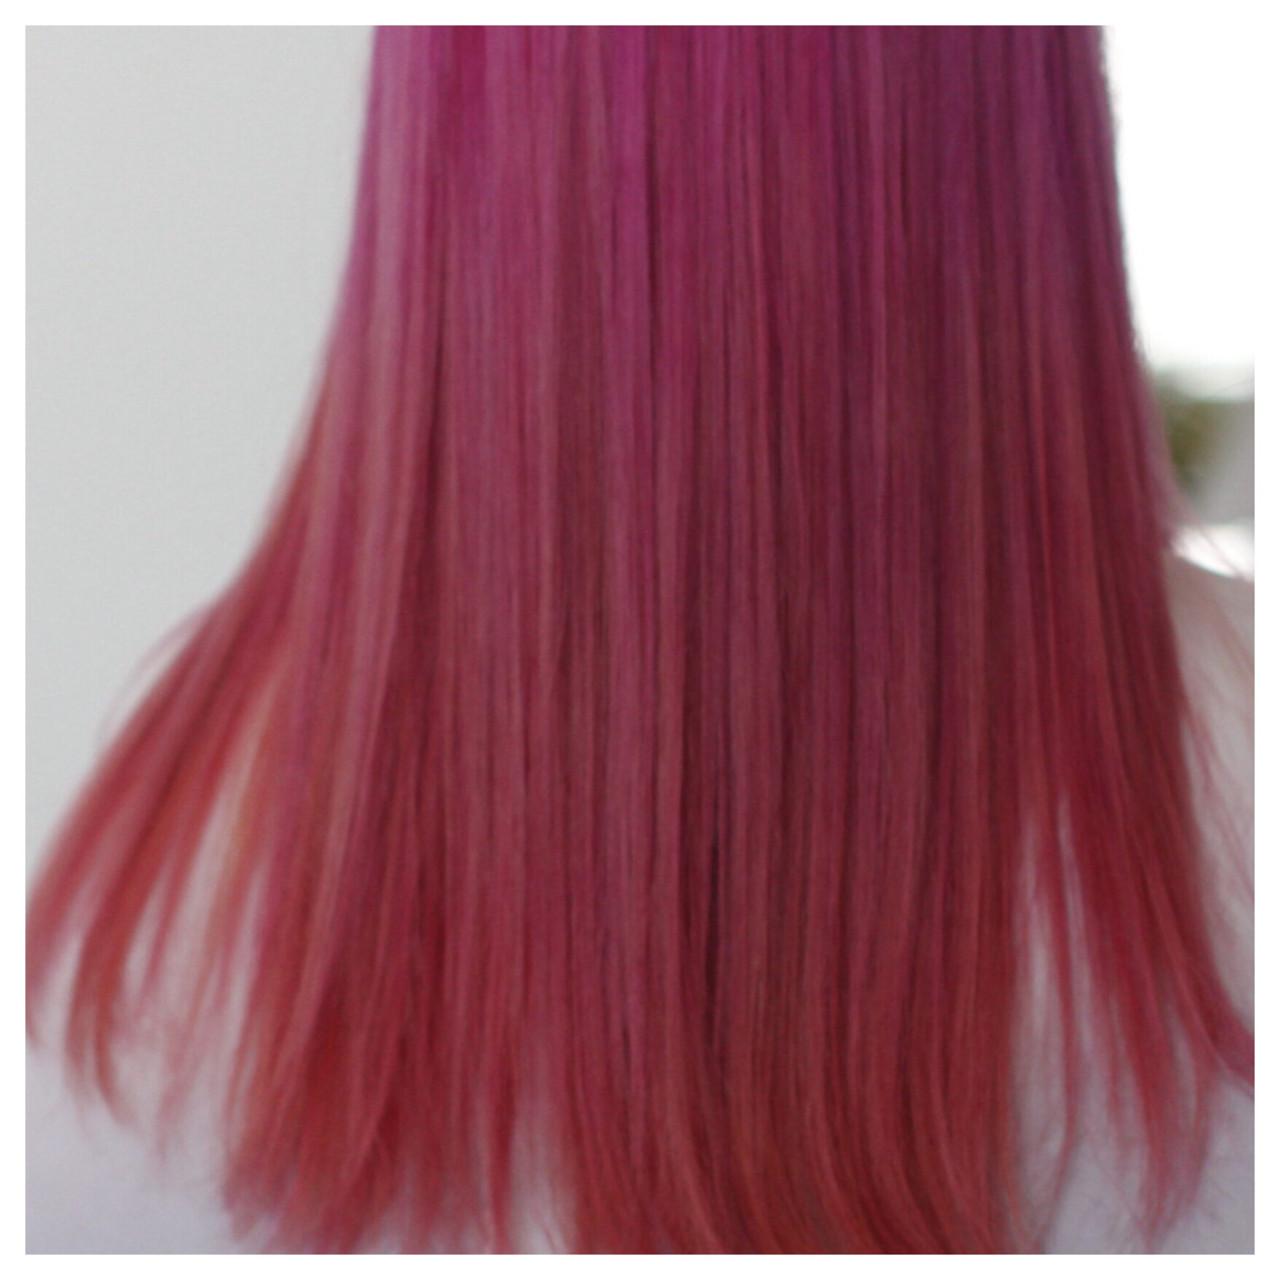 グラデーションカラー セミロング ストリート ピンク ヘアスタイルや髪型の写真・画像 | 中村真一 / hair make No.8 宮崎市